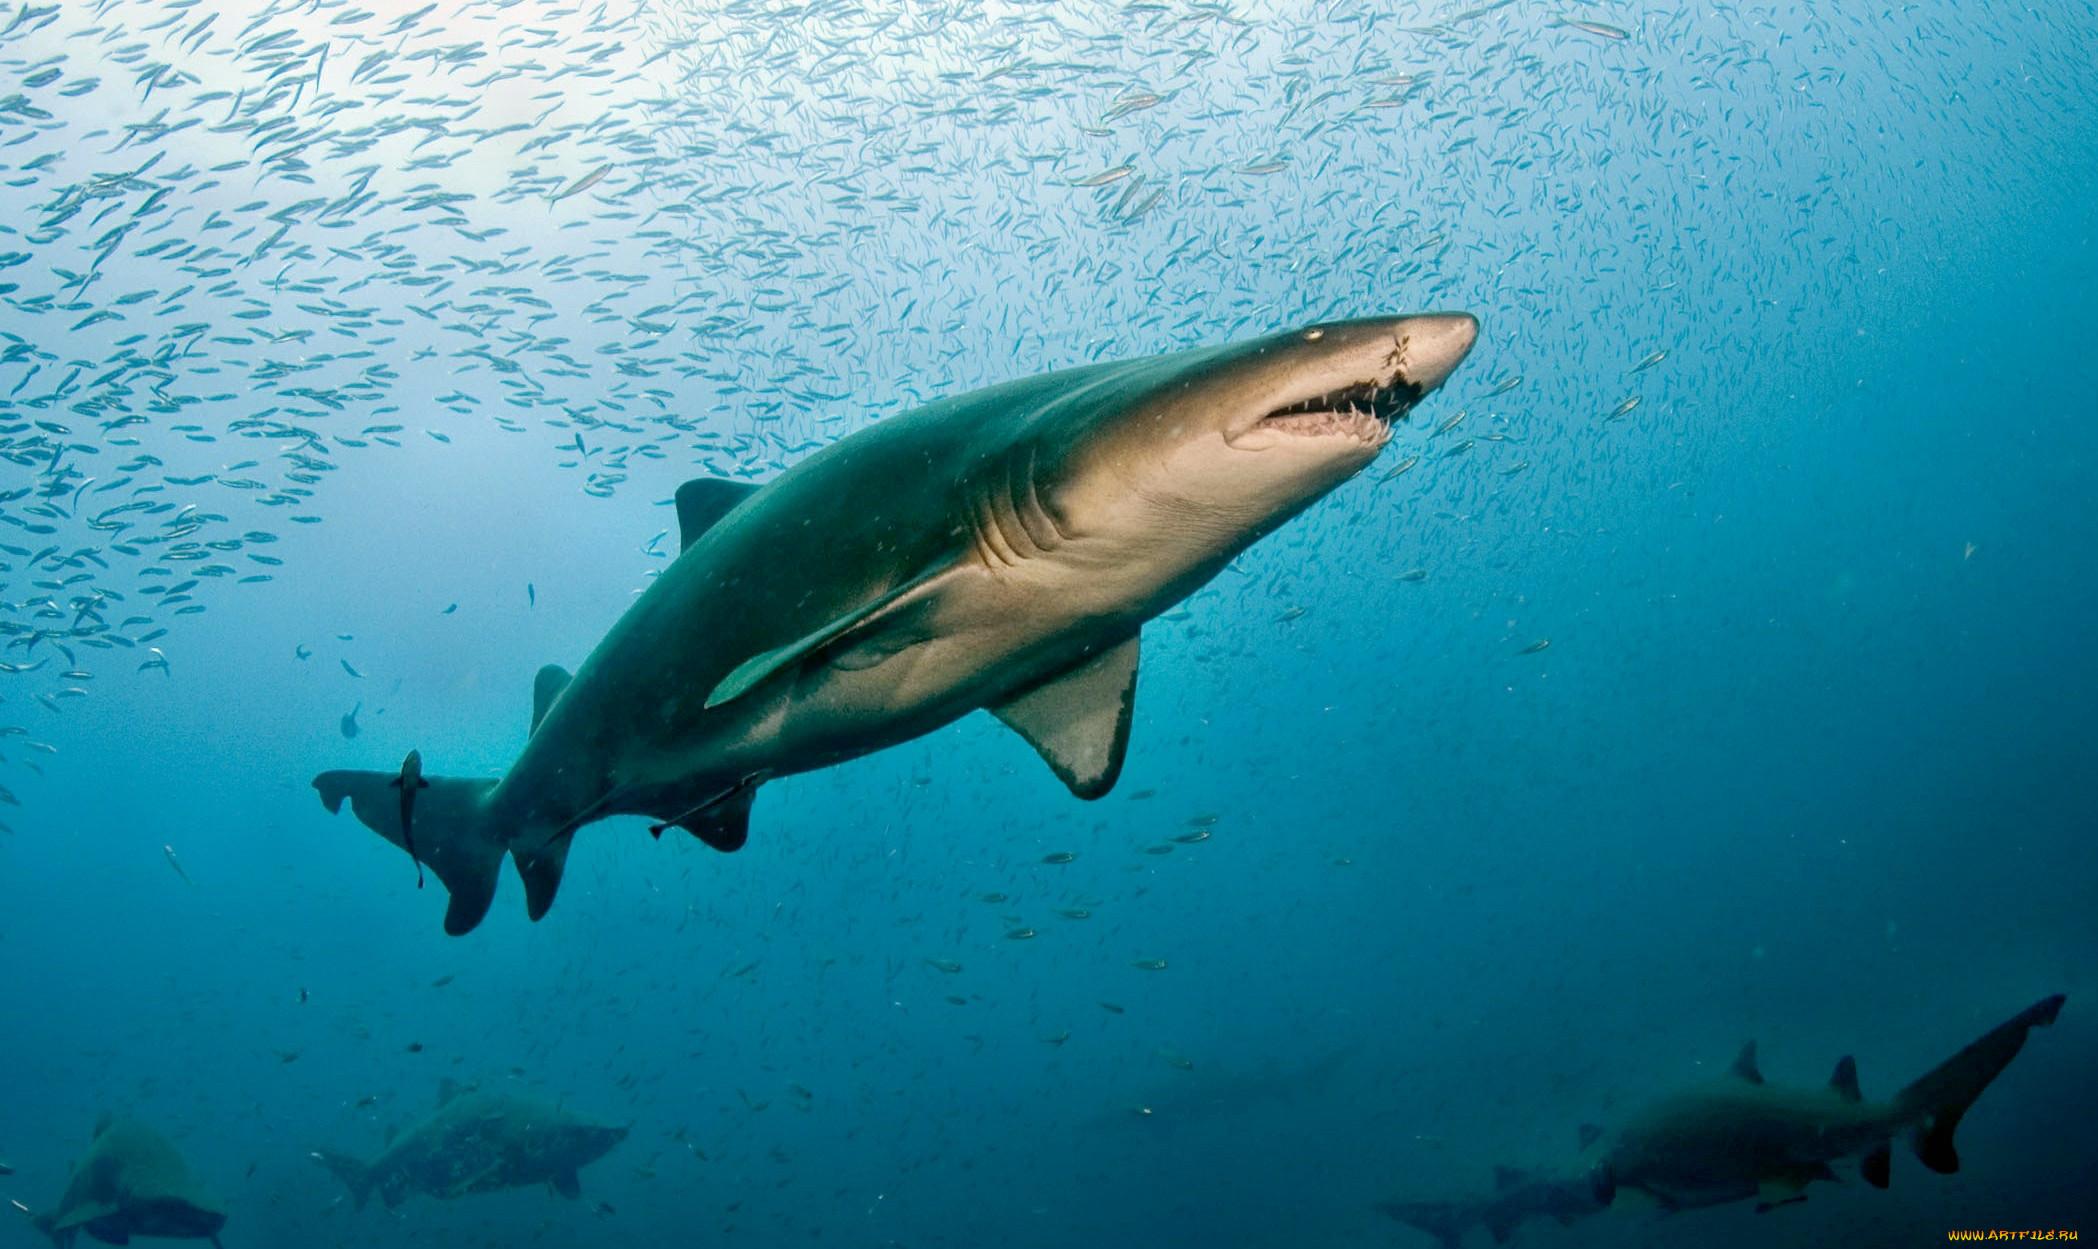 петербурге реальные фото акул в океане спасает поселок северных